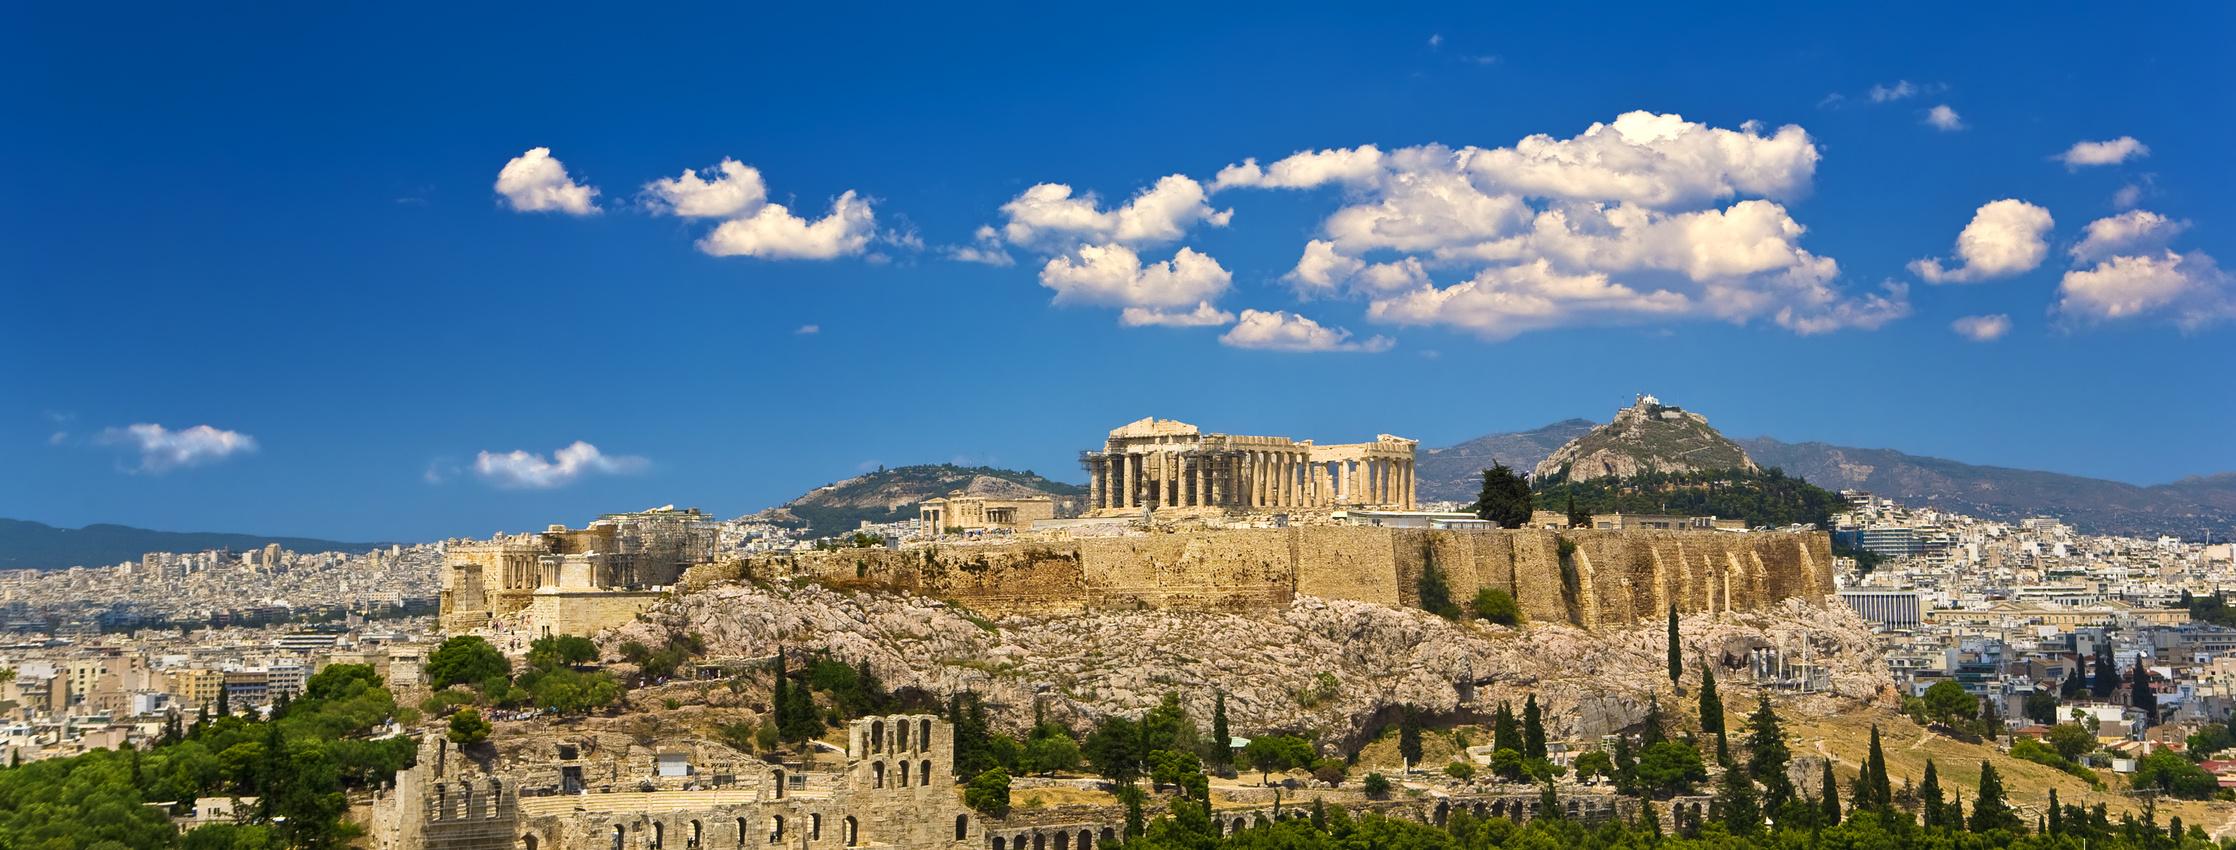 Athén - velünk élő történelem, Görögország - OTP Travel utazási iroda